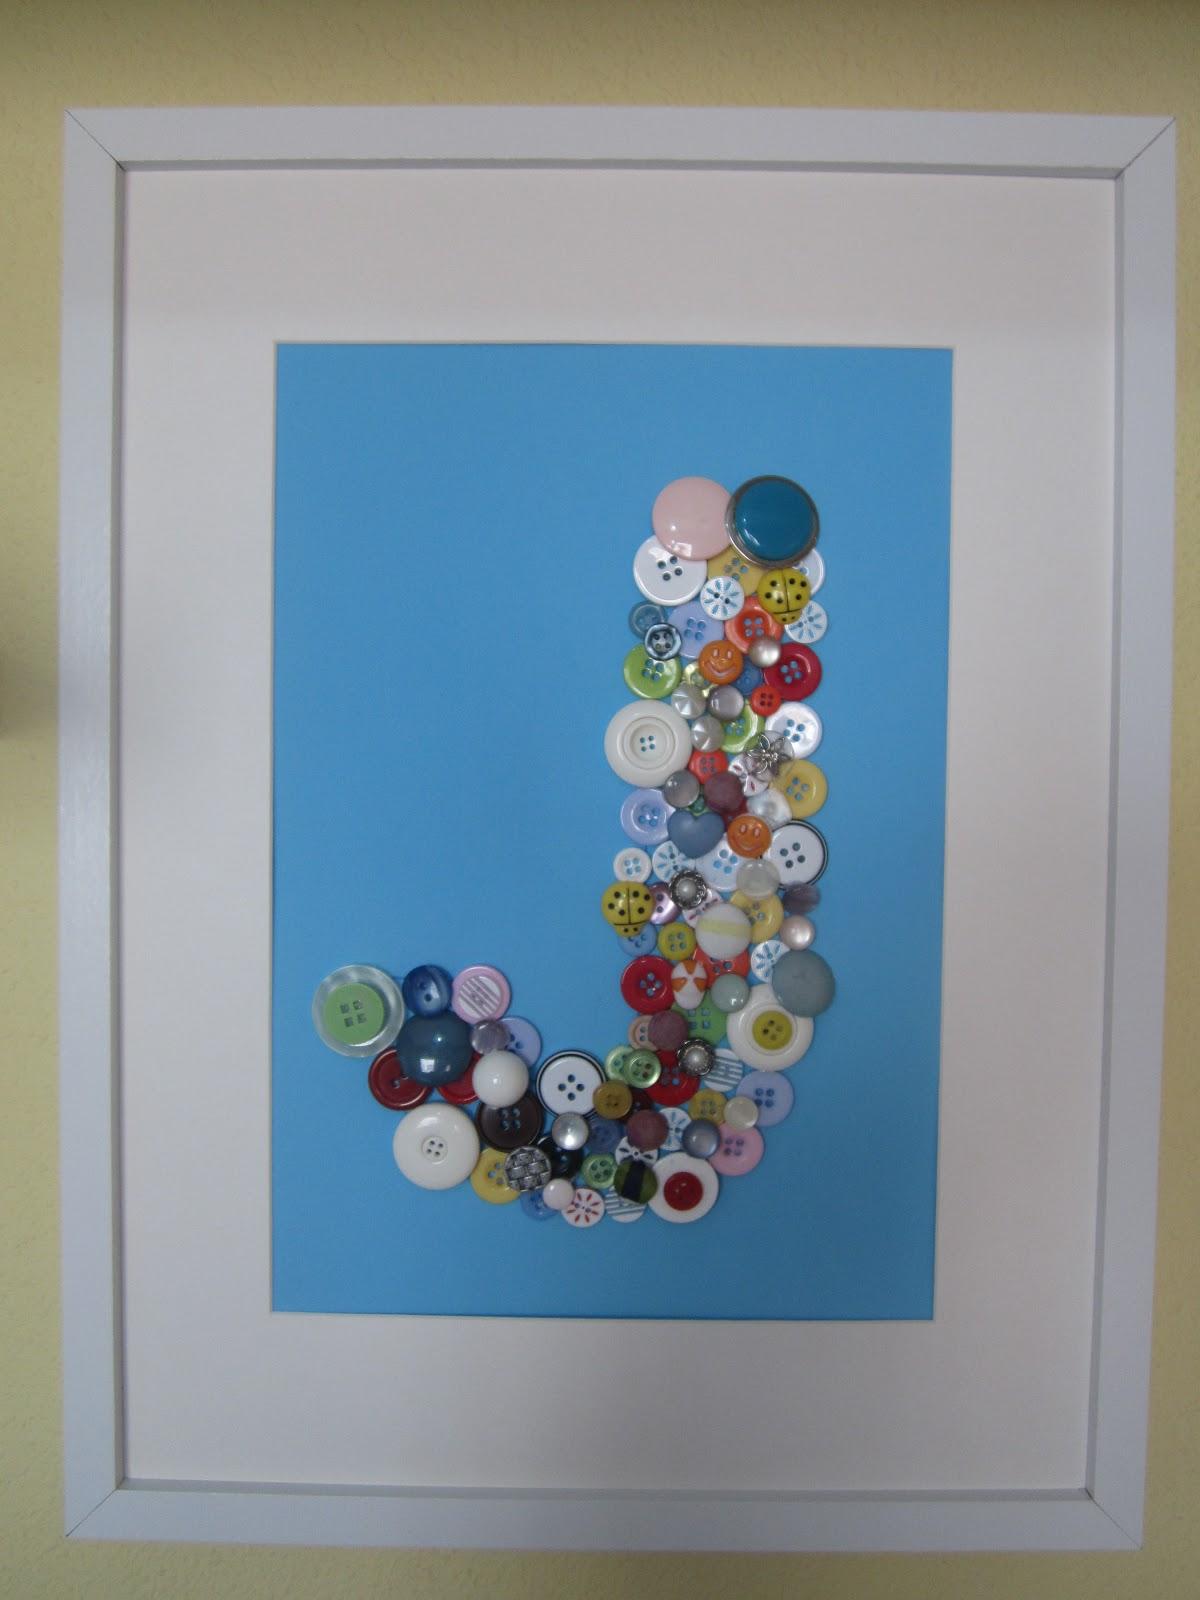 Canastillas rosita cuadros de botones - Cuadros con botones ...